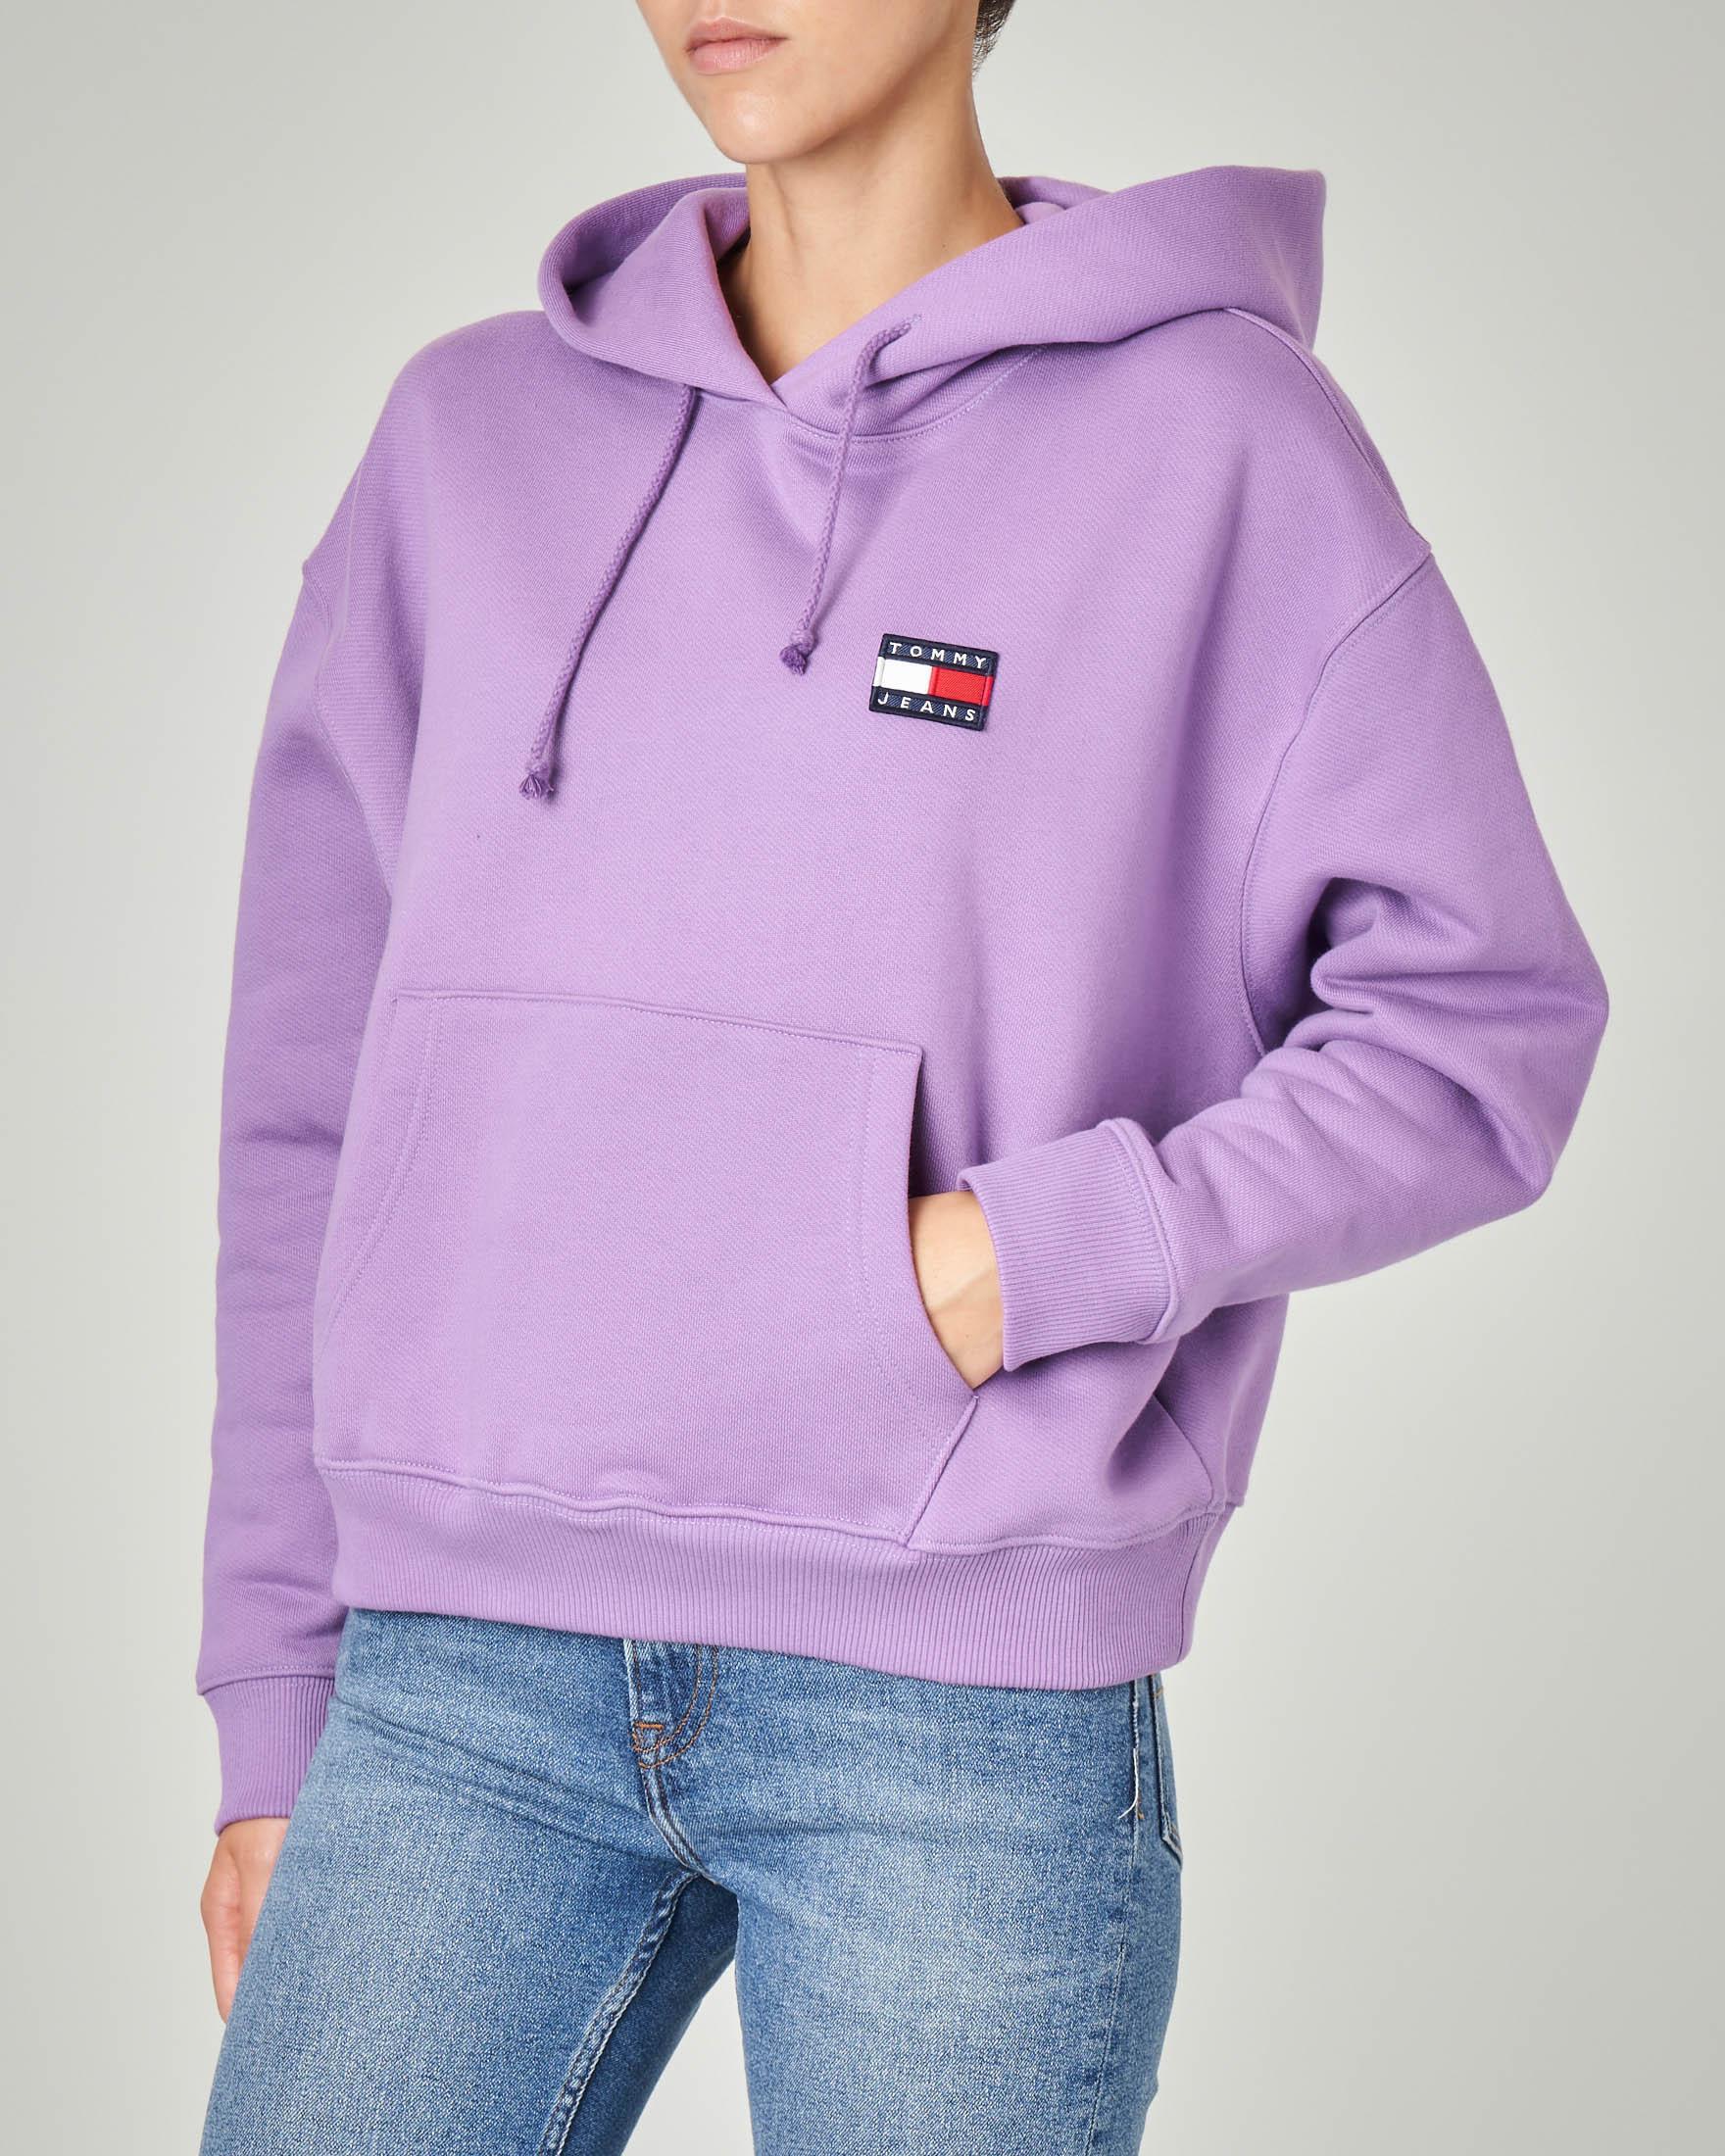 Felpa over colore viola in jersey di cotone con cappuccio